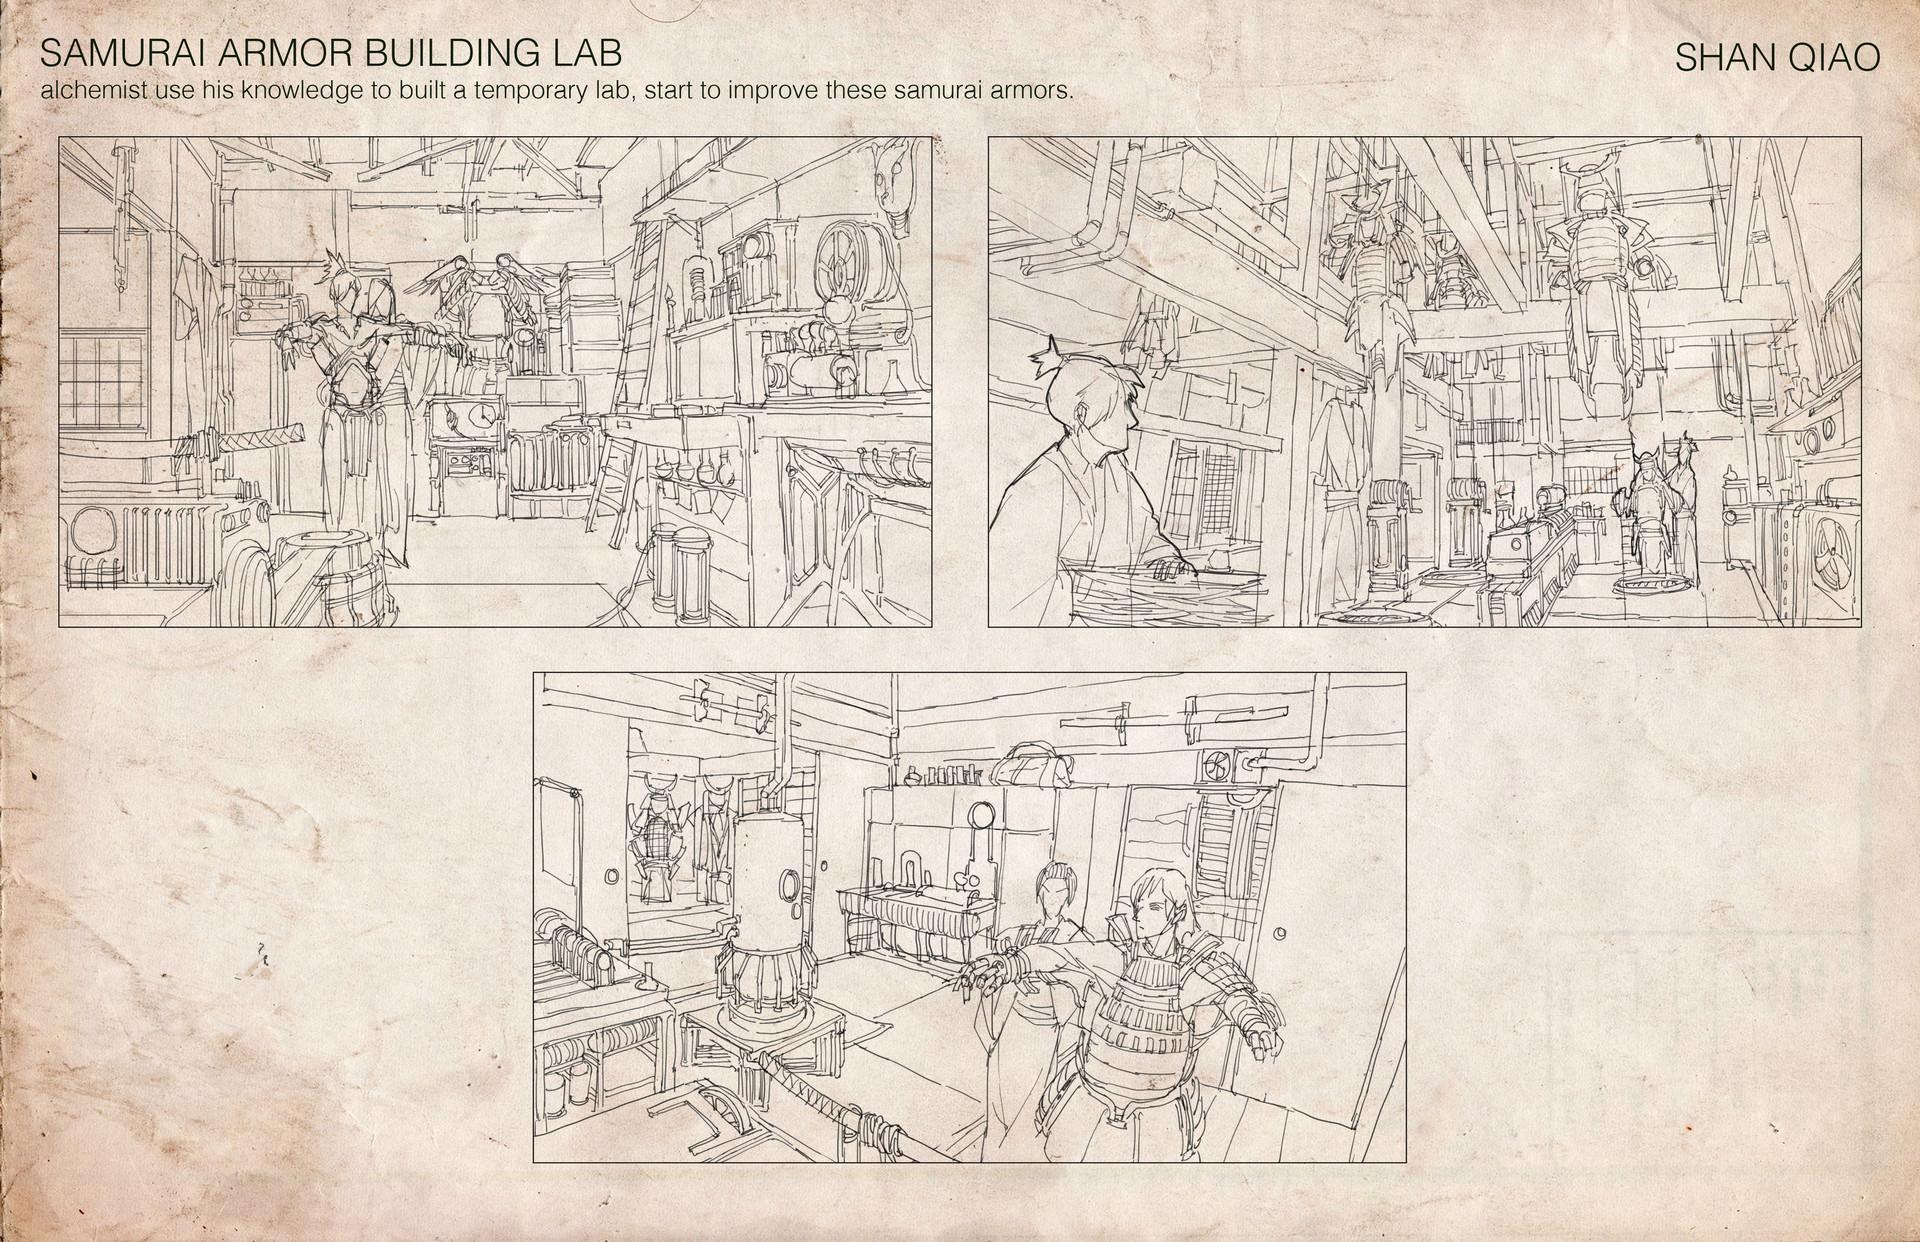 Shan qiao samurai building lab